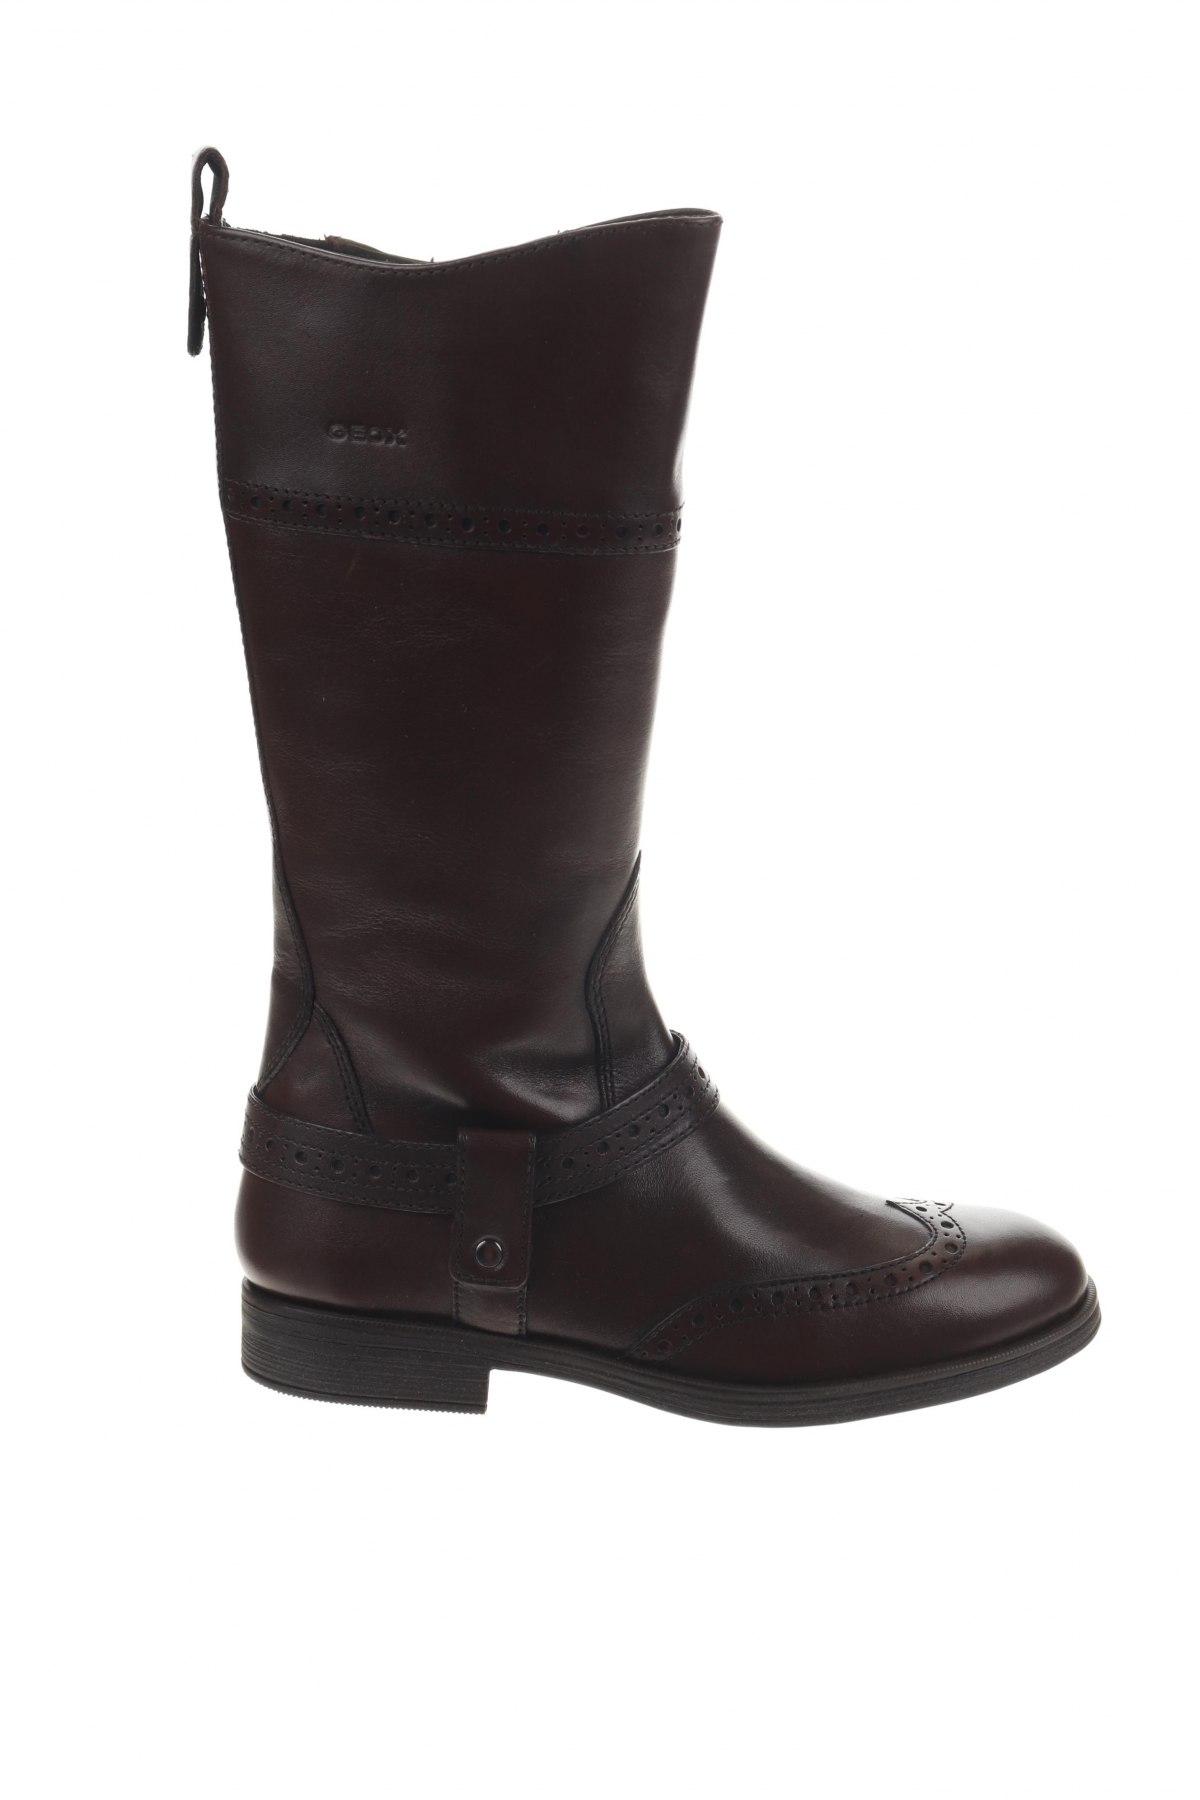 Παιδικά παπούτσια Geox, Μέγεθος 33, Χρώμα Καφέ, Γνήσιο δέρμα, Τιμή 84,67€